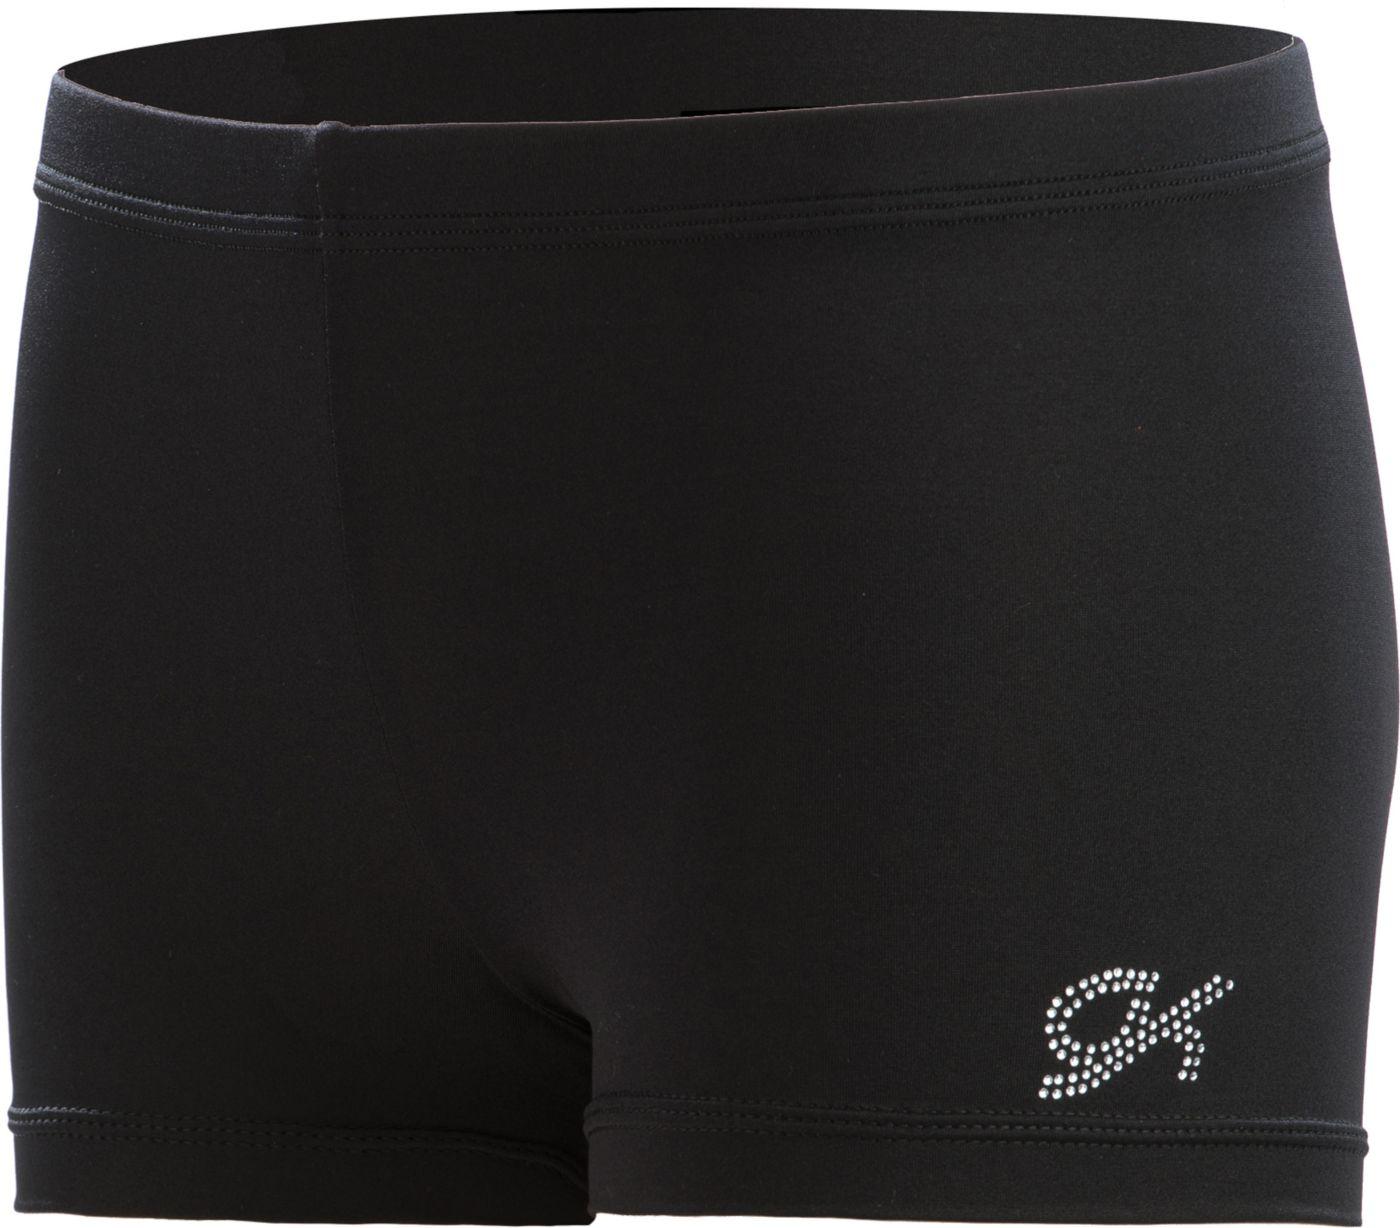 GK Elite Youth Jeweled Shorts